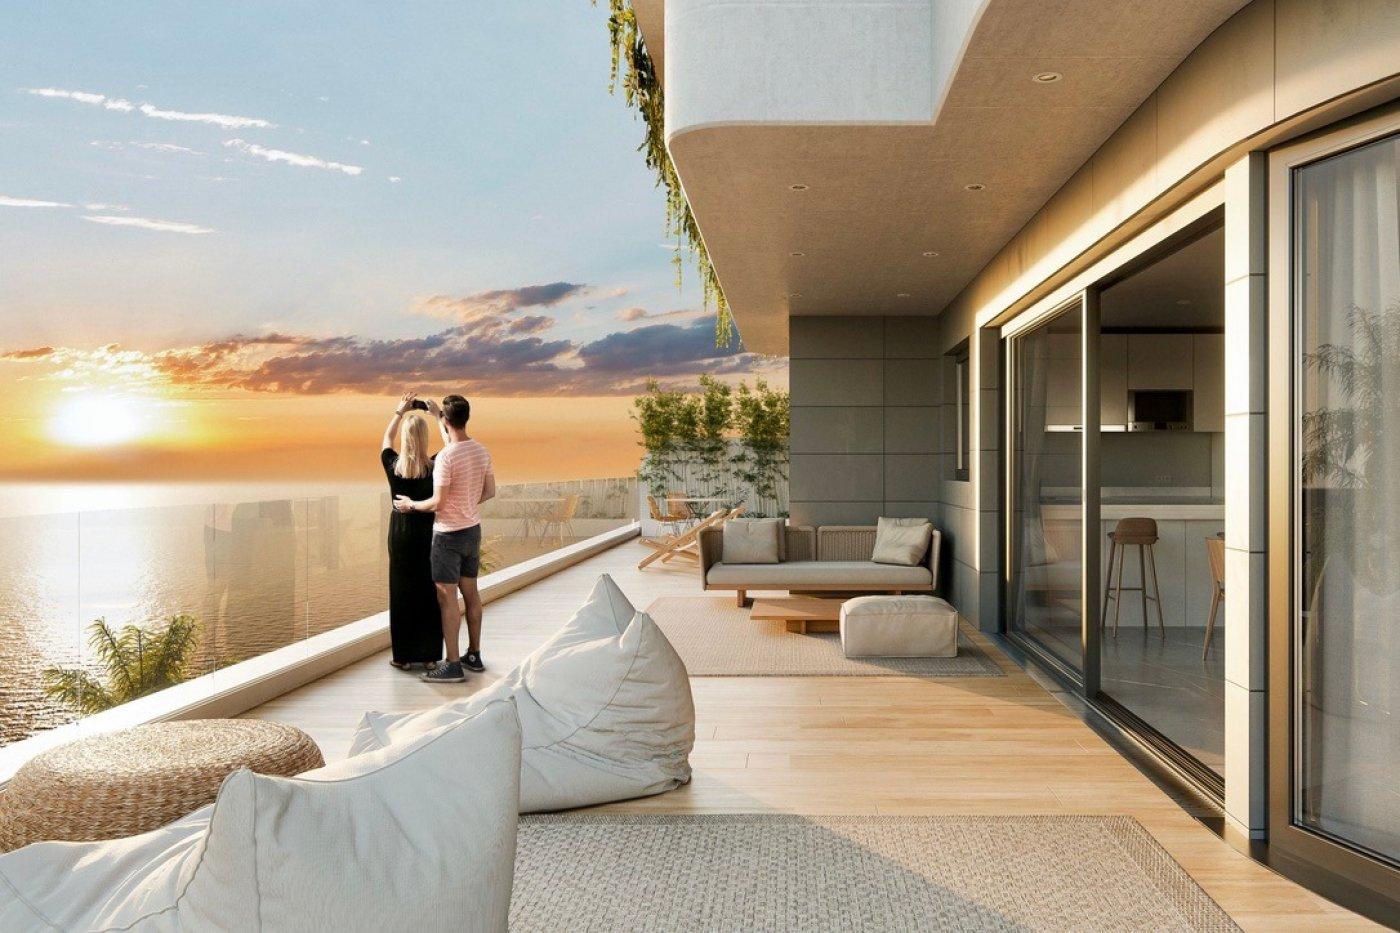 Galleribillede 4 of Exceptionel 2 etagers 4 vær luksus lejlighed, panorama udsigt, 58 m2 og 24 m2 solterrasser